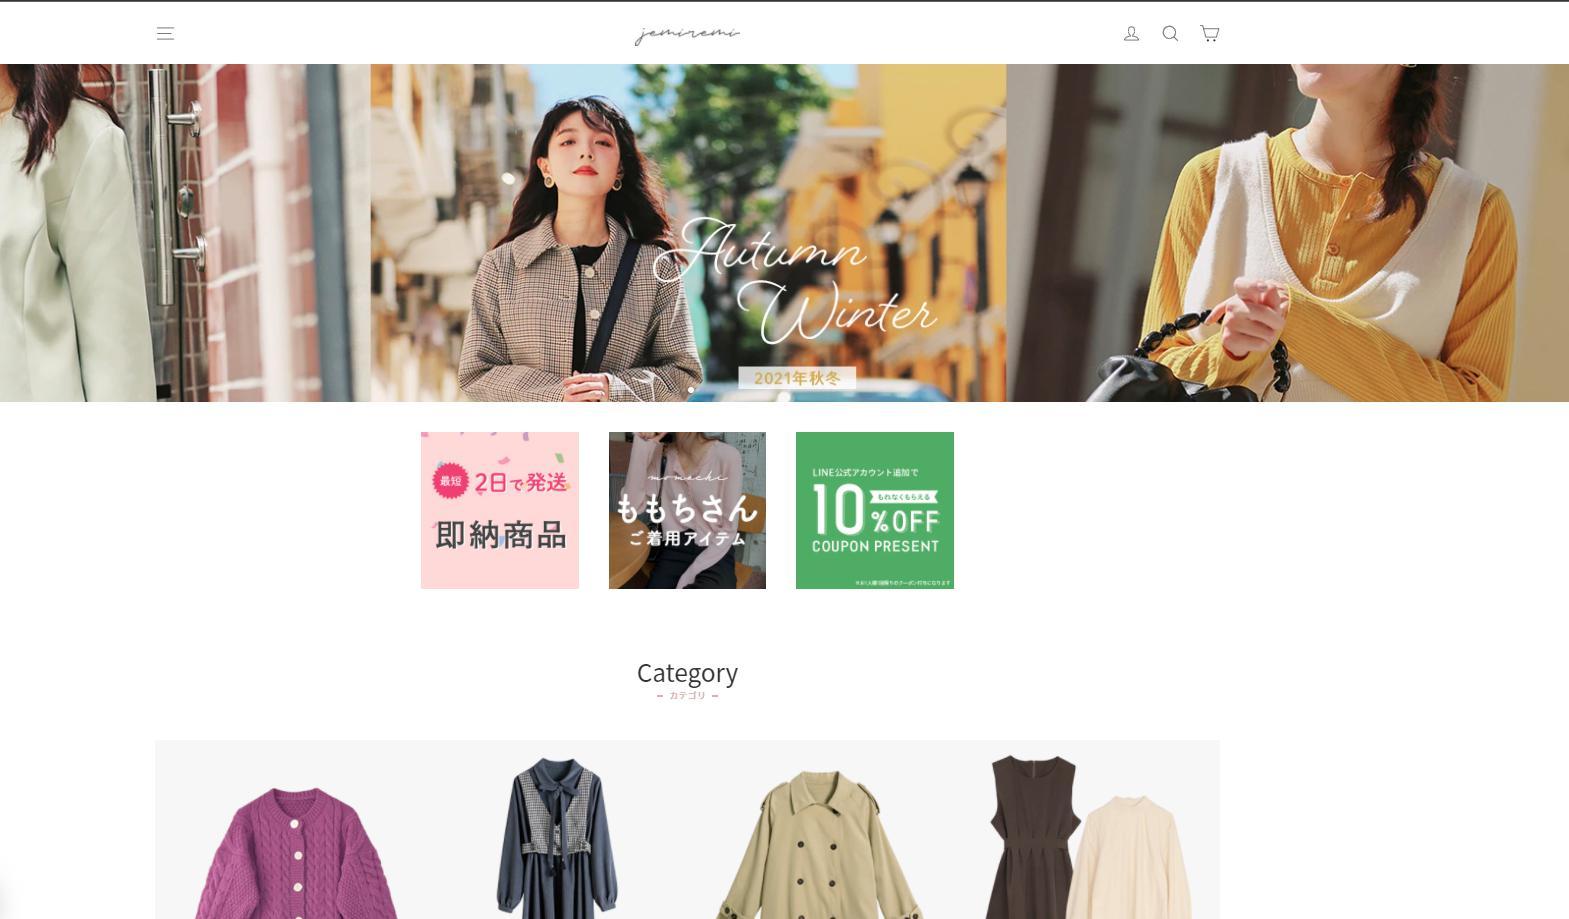 最短2日配送が早い韓国通販サイトジェミレミトップのキャプチャ画像